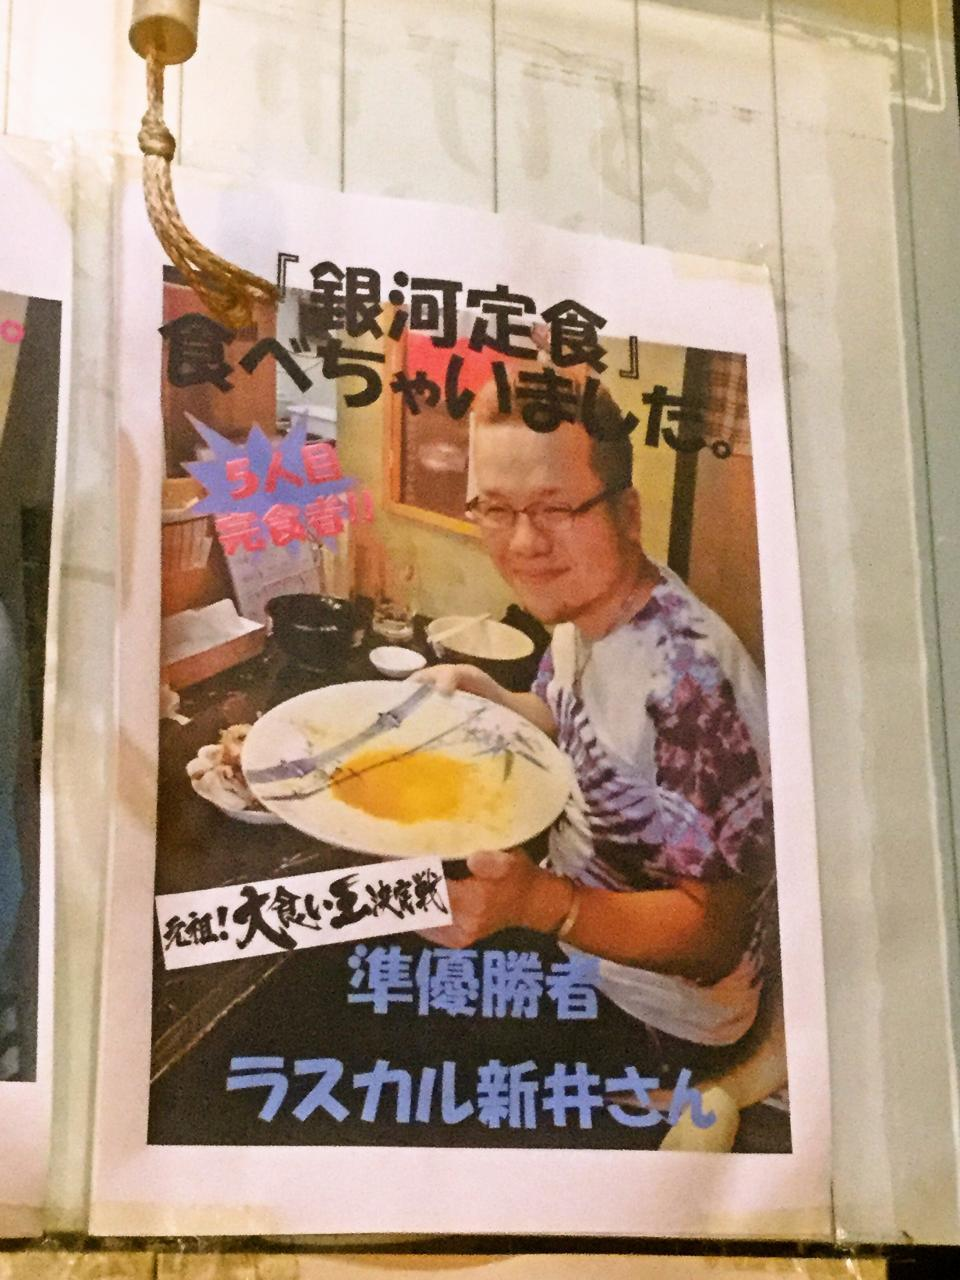 あげ市 鶴見店(店内)